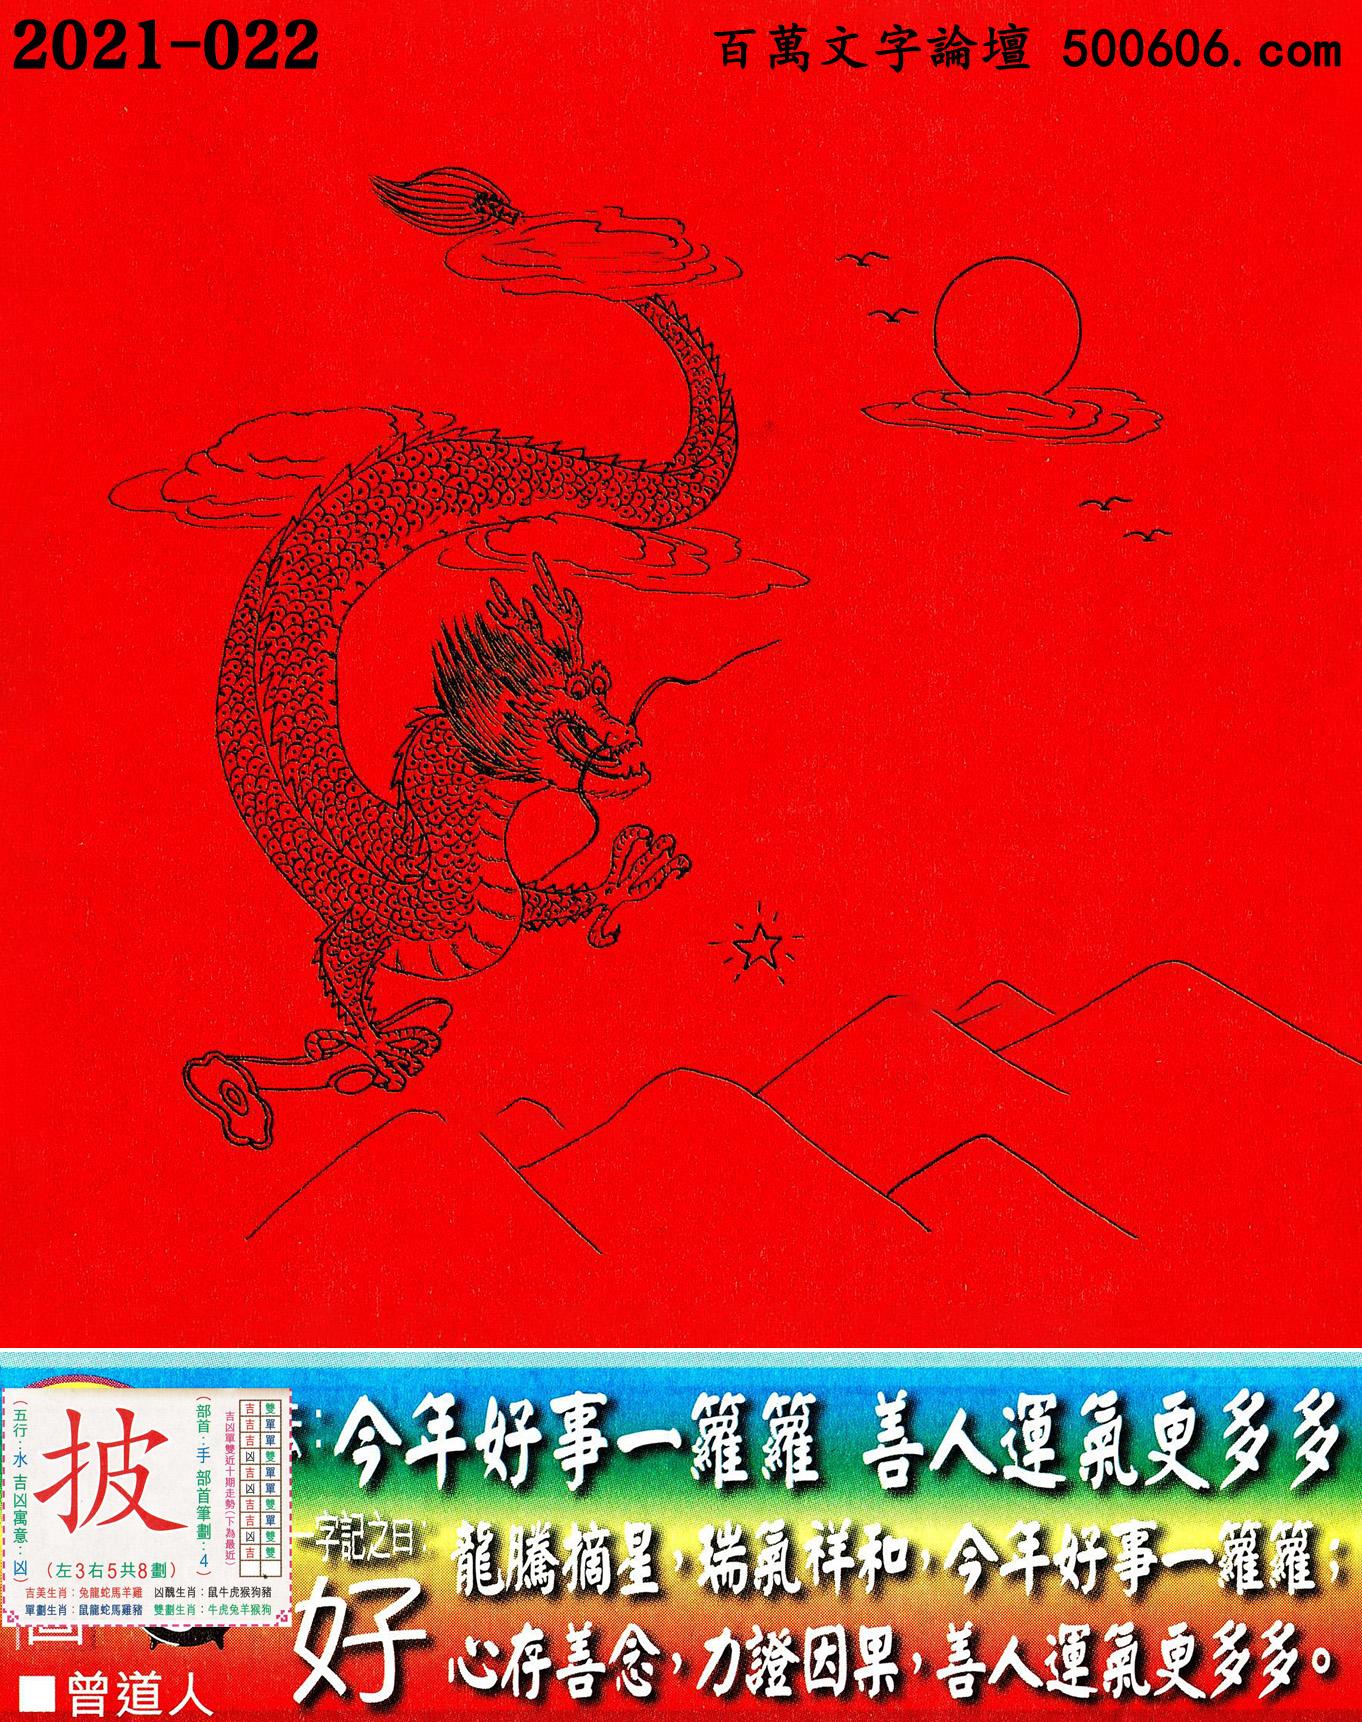 022期老版跑狗一字�之曰:【好】_��:今年好事一�j�j,善人�\�飧�多多。